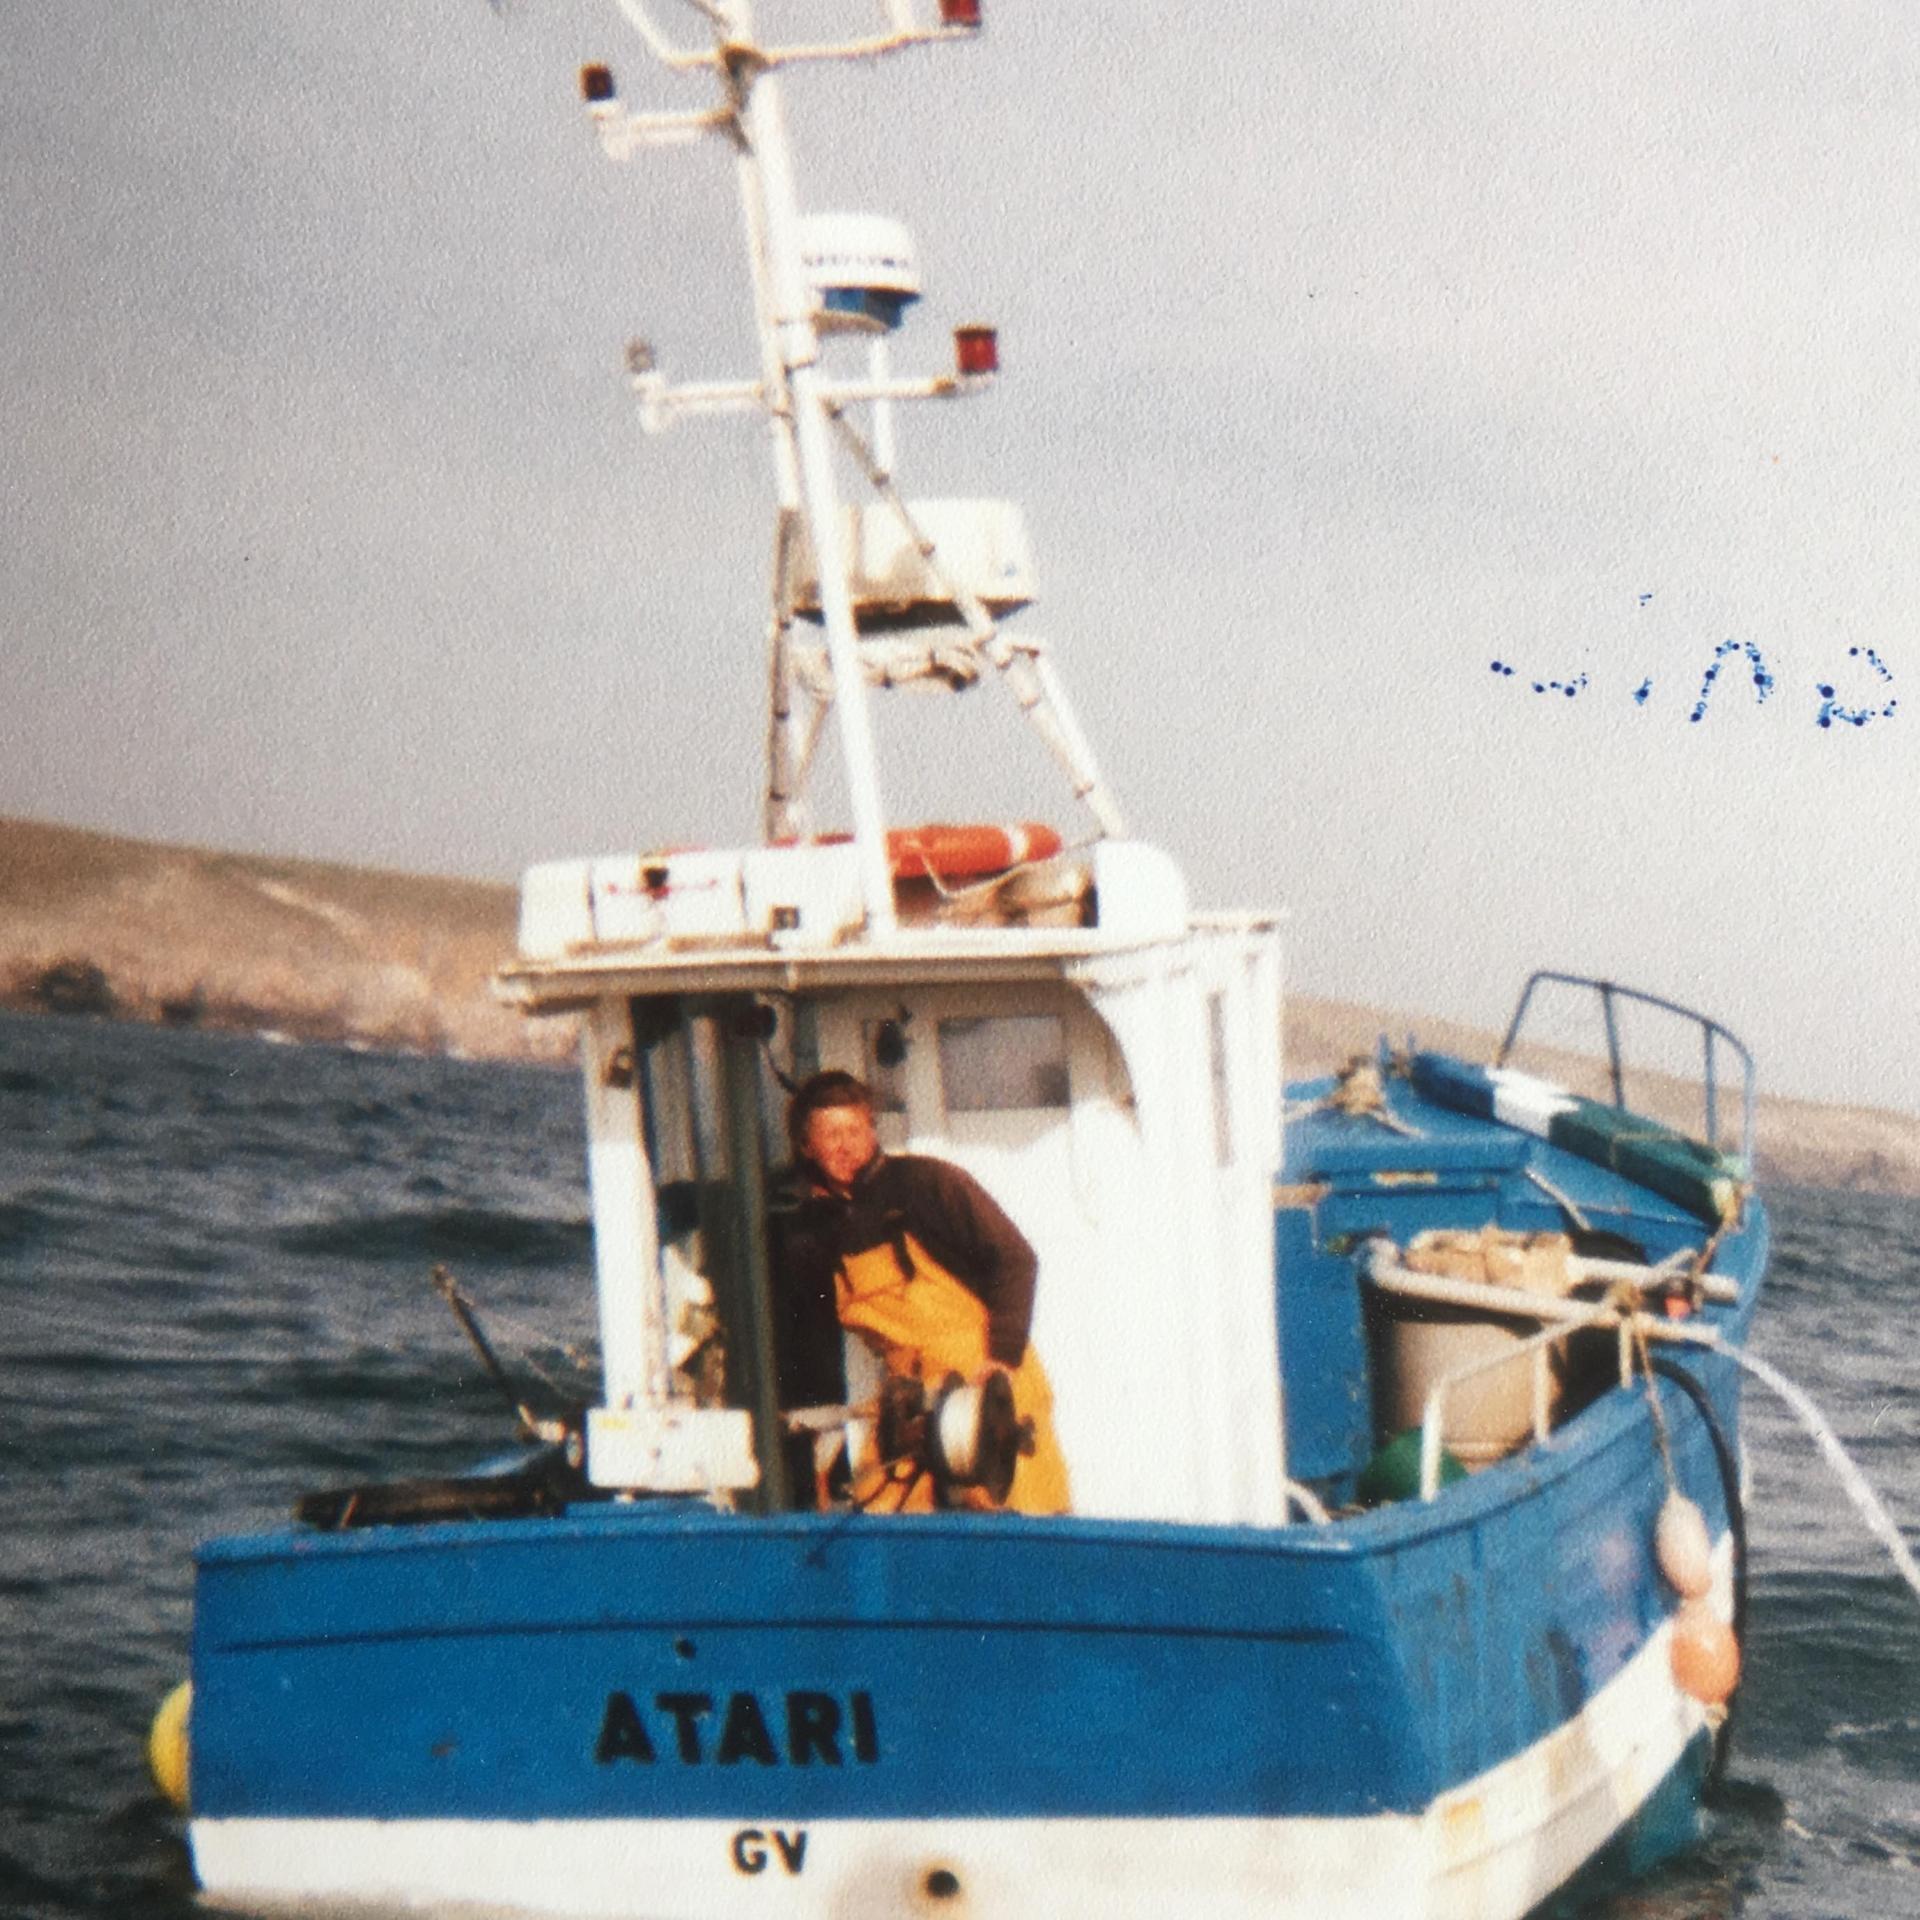 Atari gv185317 en mer yves mathieu helias